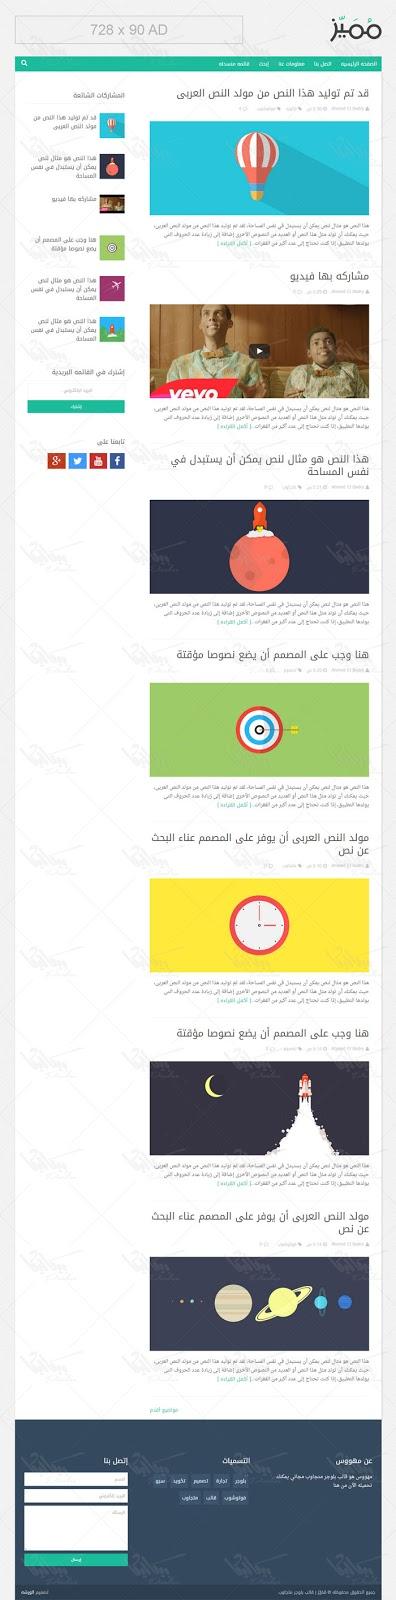 قالب مميز - Momayiaz  Template قالب بلوجر عربي متجاوب  Images